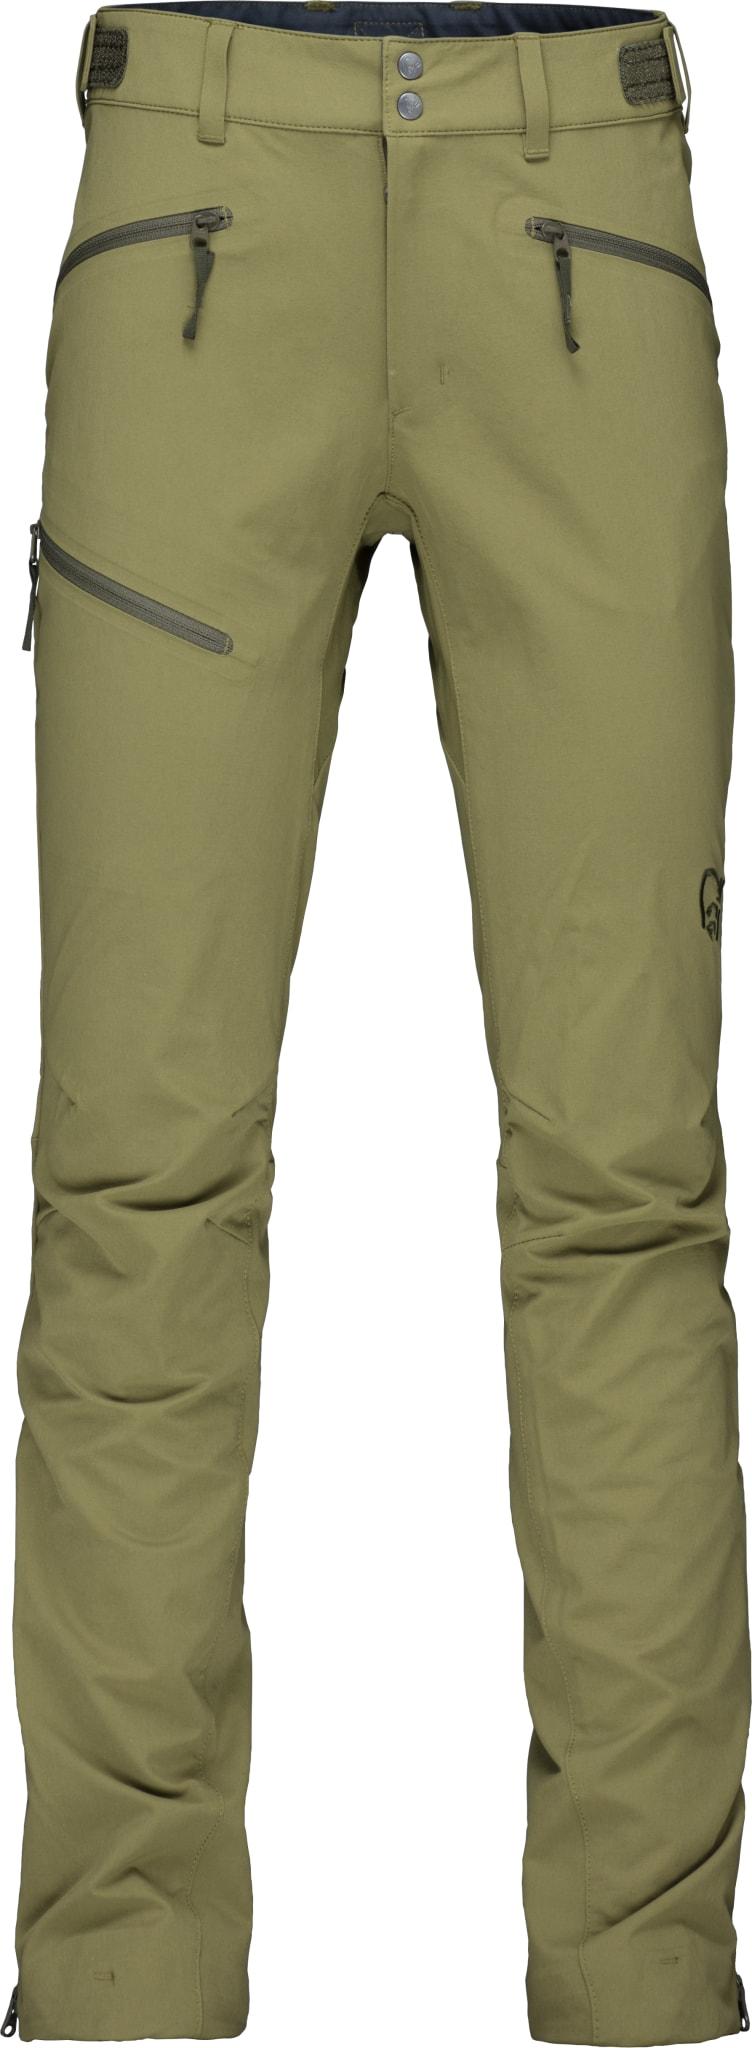 Falketind Flex1 Pants Jr